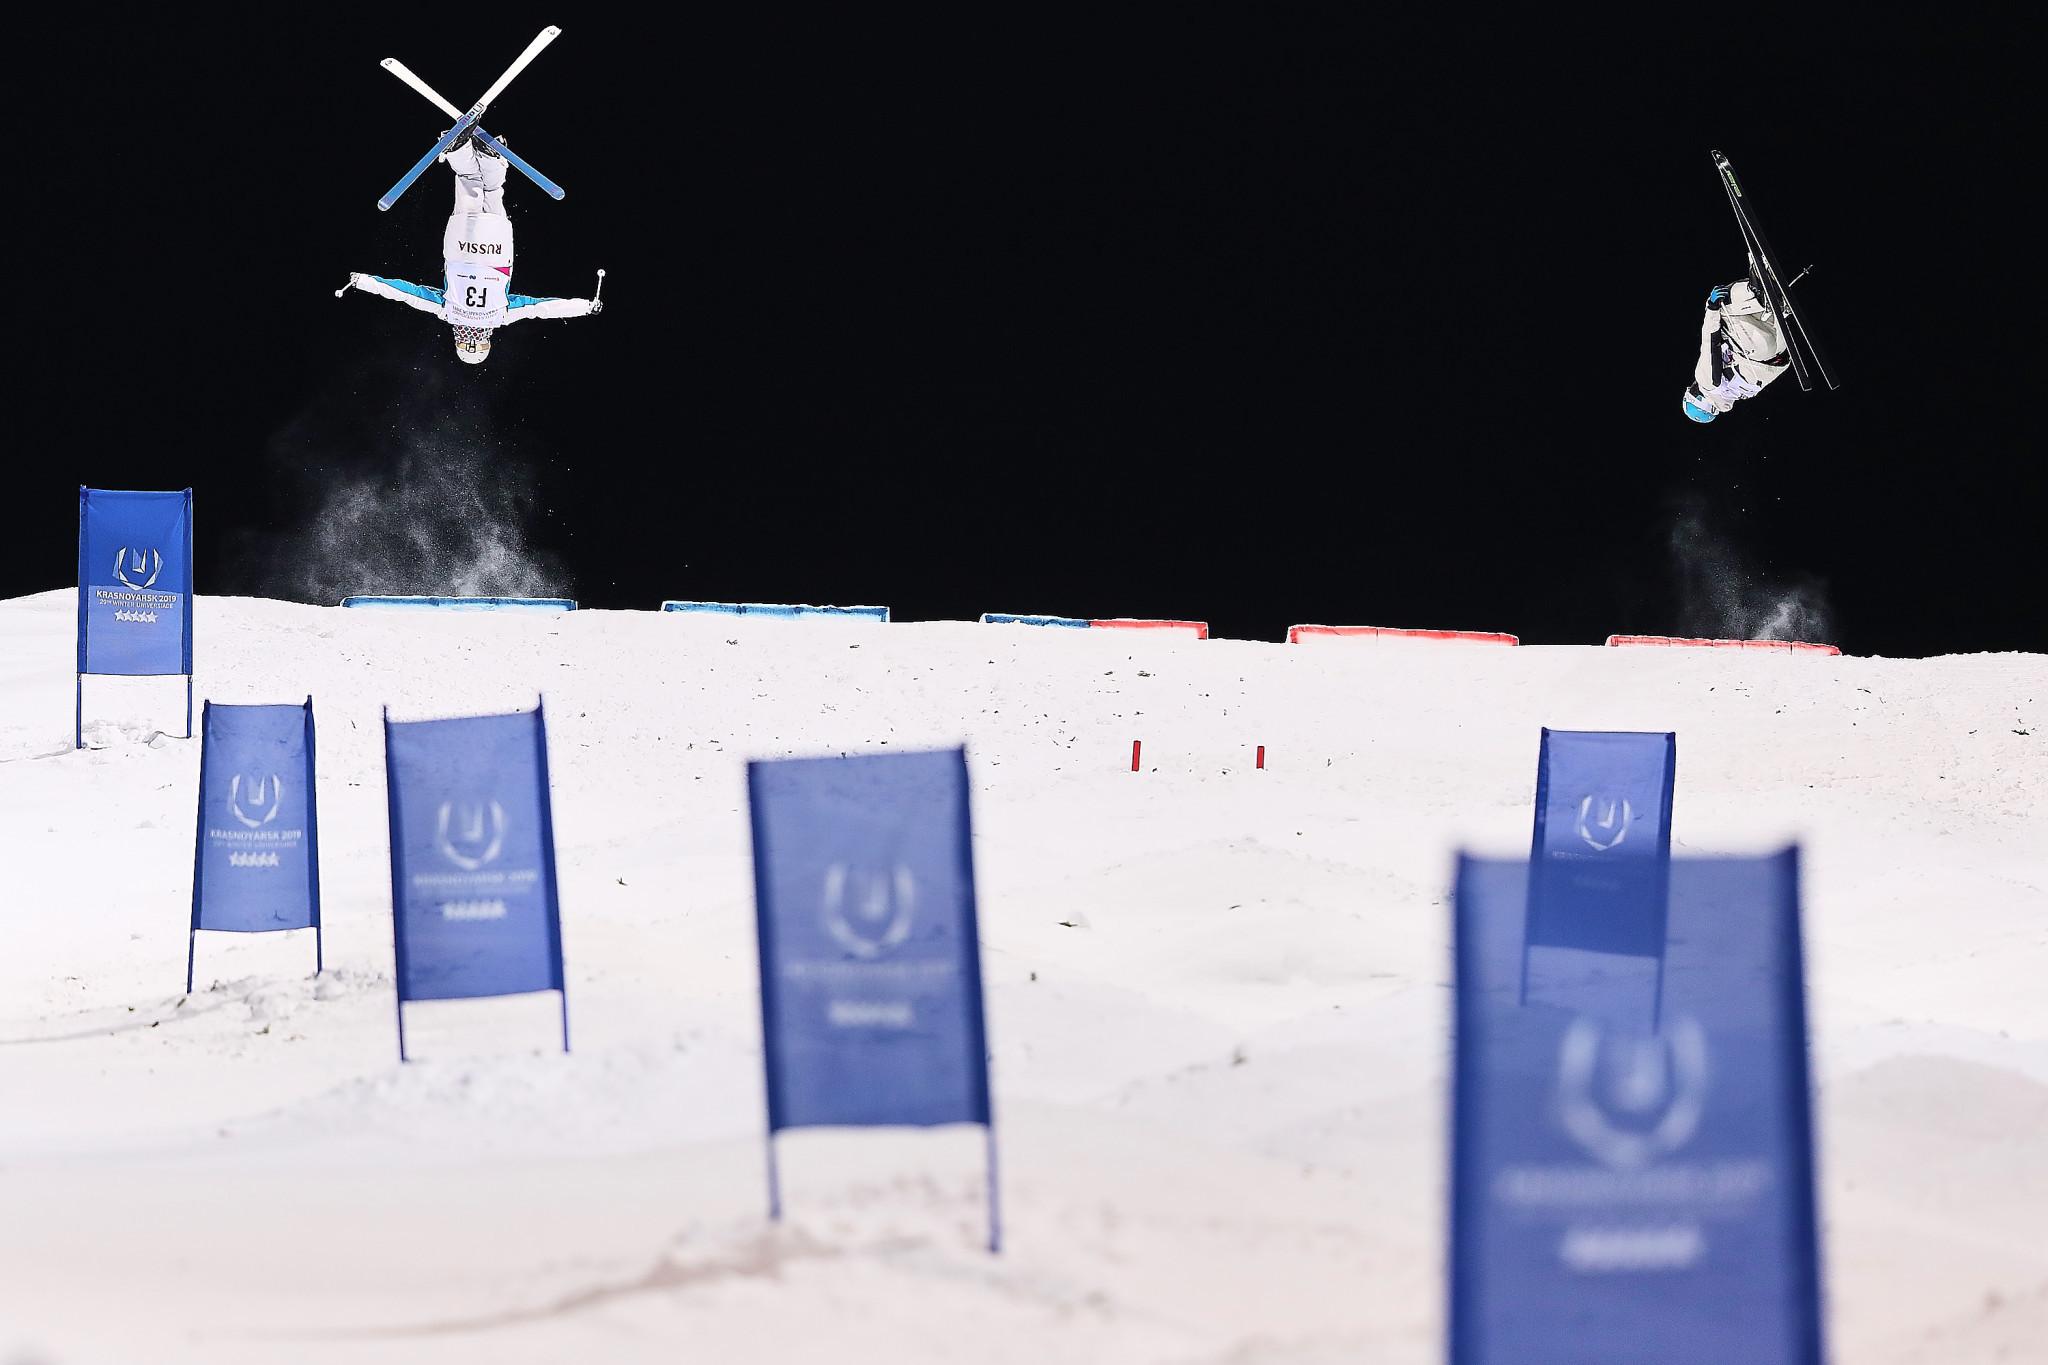 Krasnoyarsk 2019: Day eight of competition